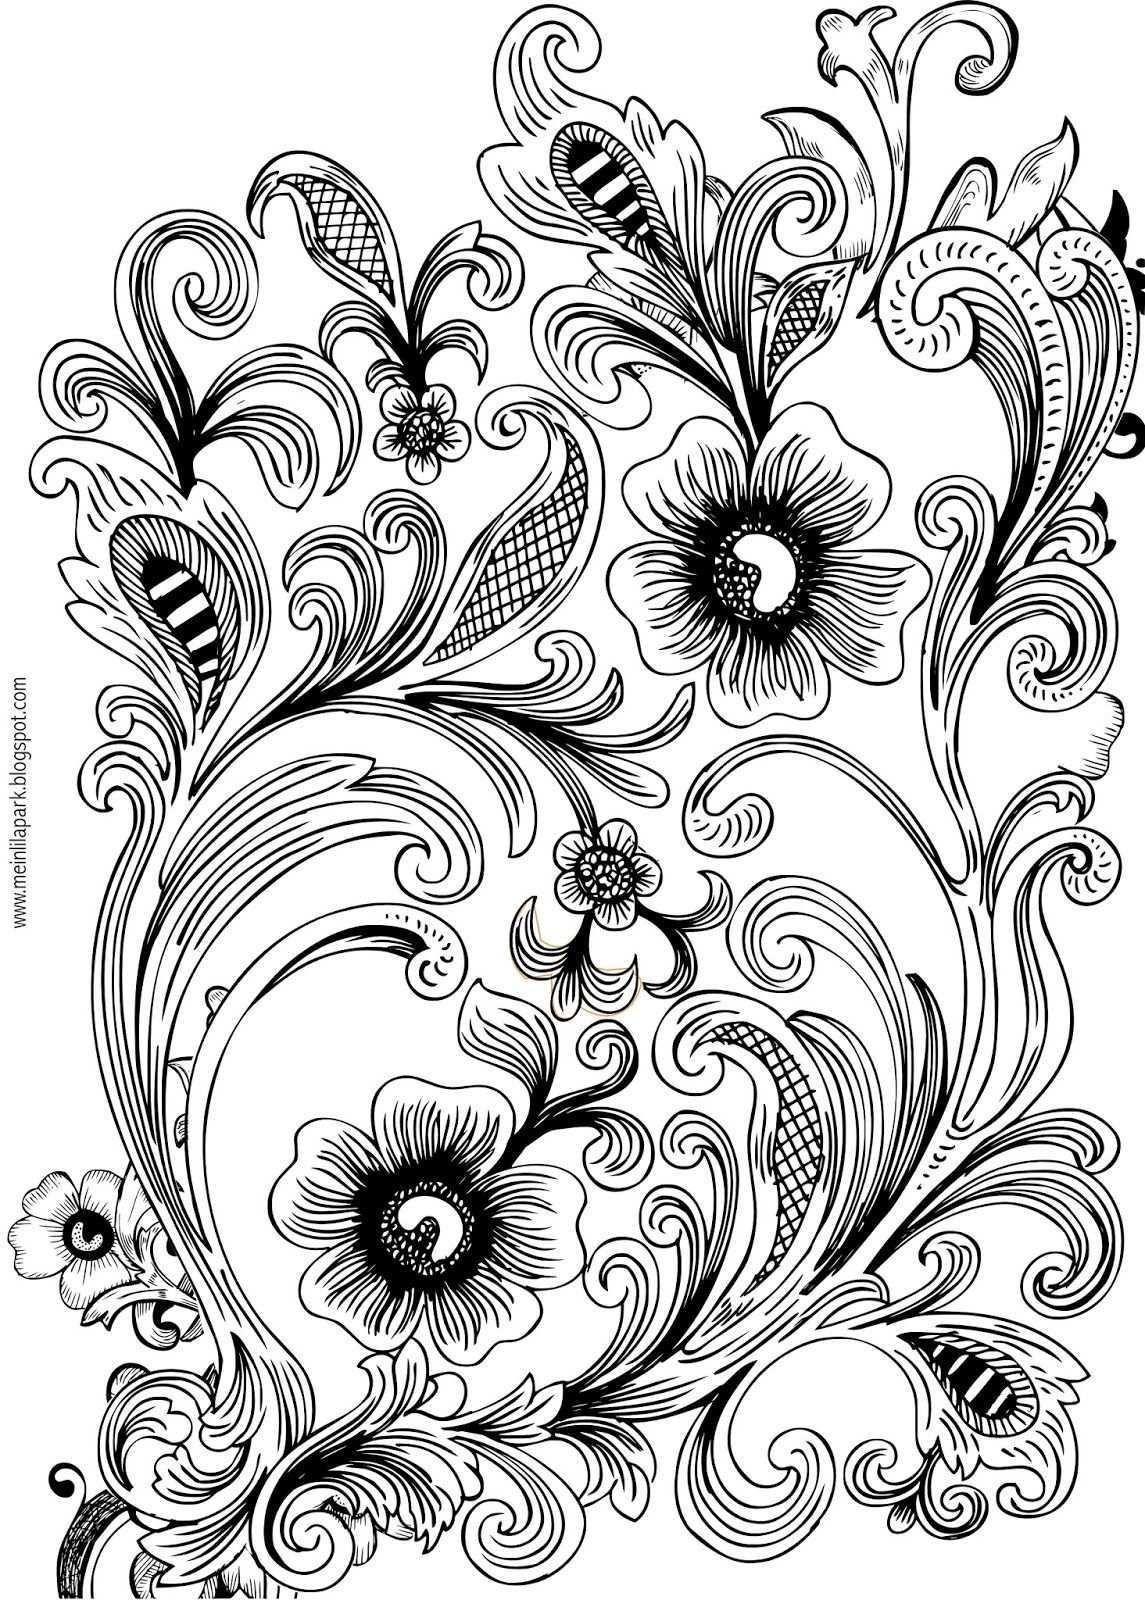 Free Printable Floral Coloring Page Ausmalbild Freebie Brandmalerei Muster Holz Gravieren Vorlagen Pyrographie Ideen